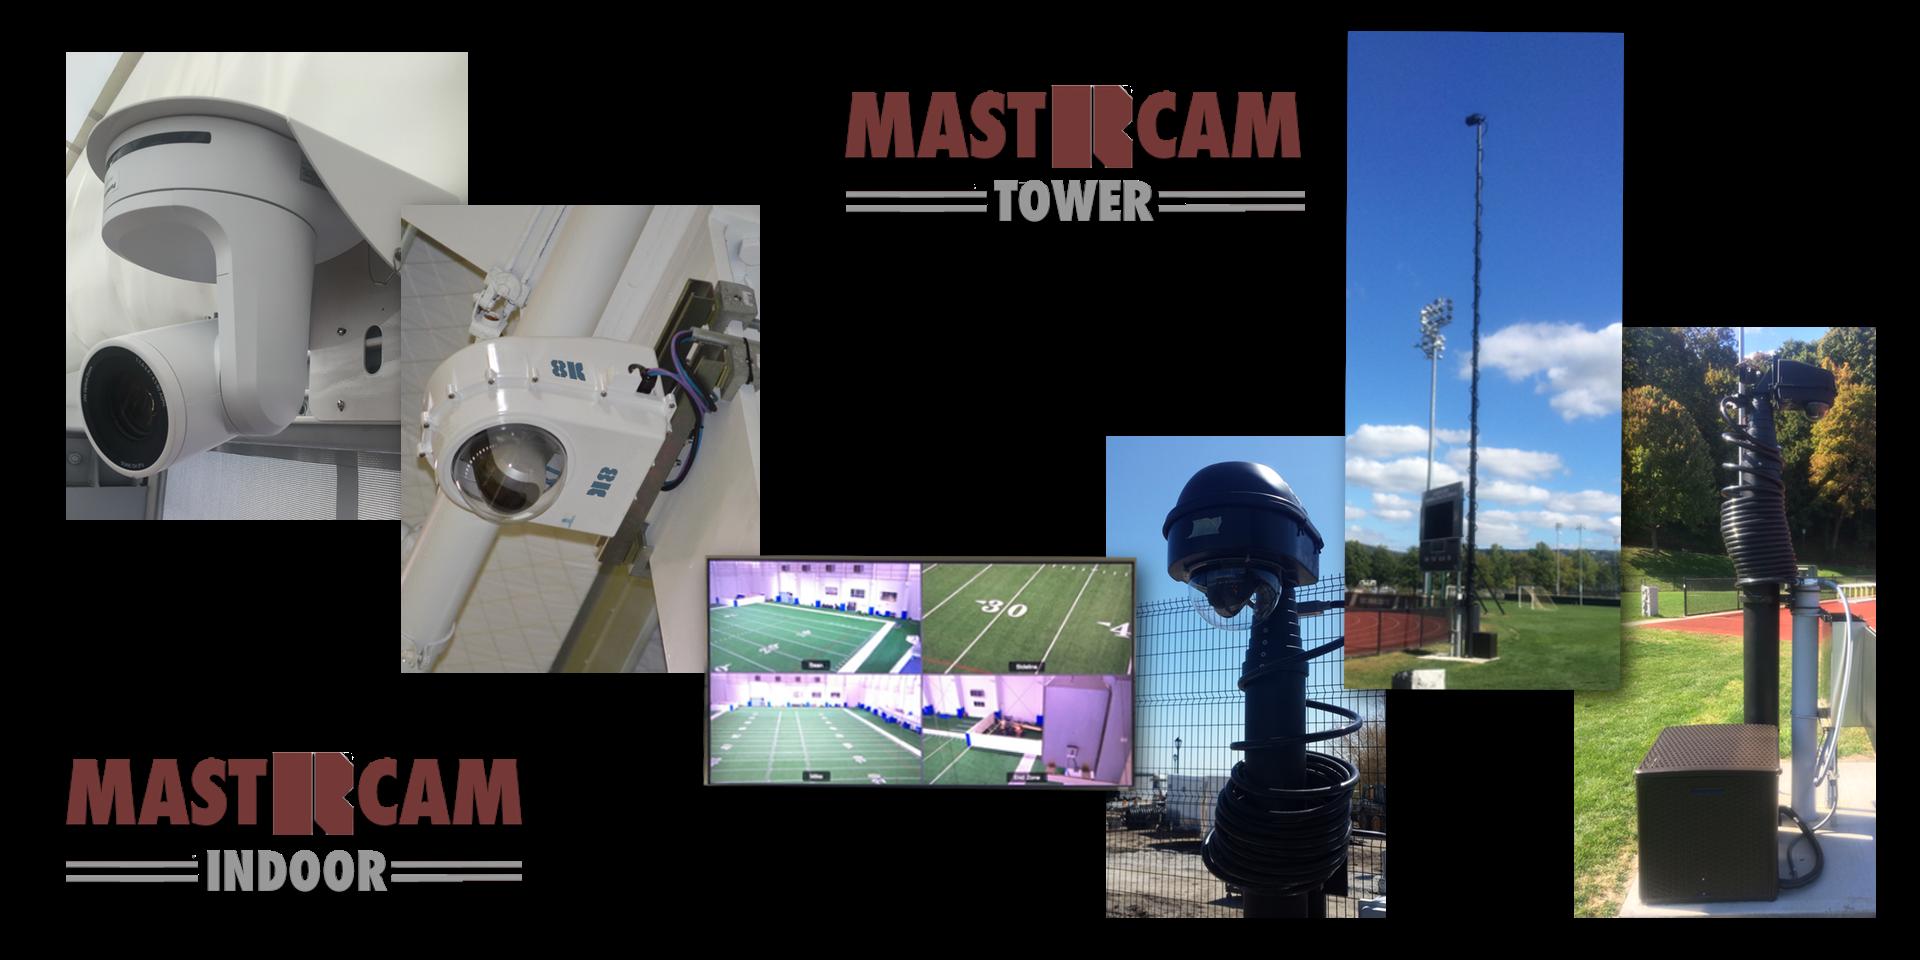 mastRcam Tower-Indoor-Web.png